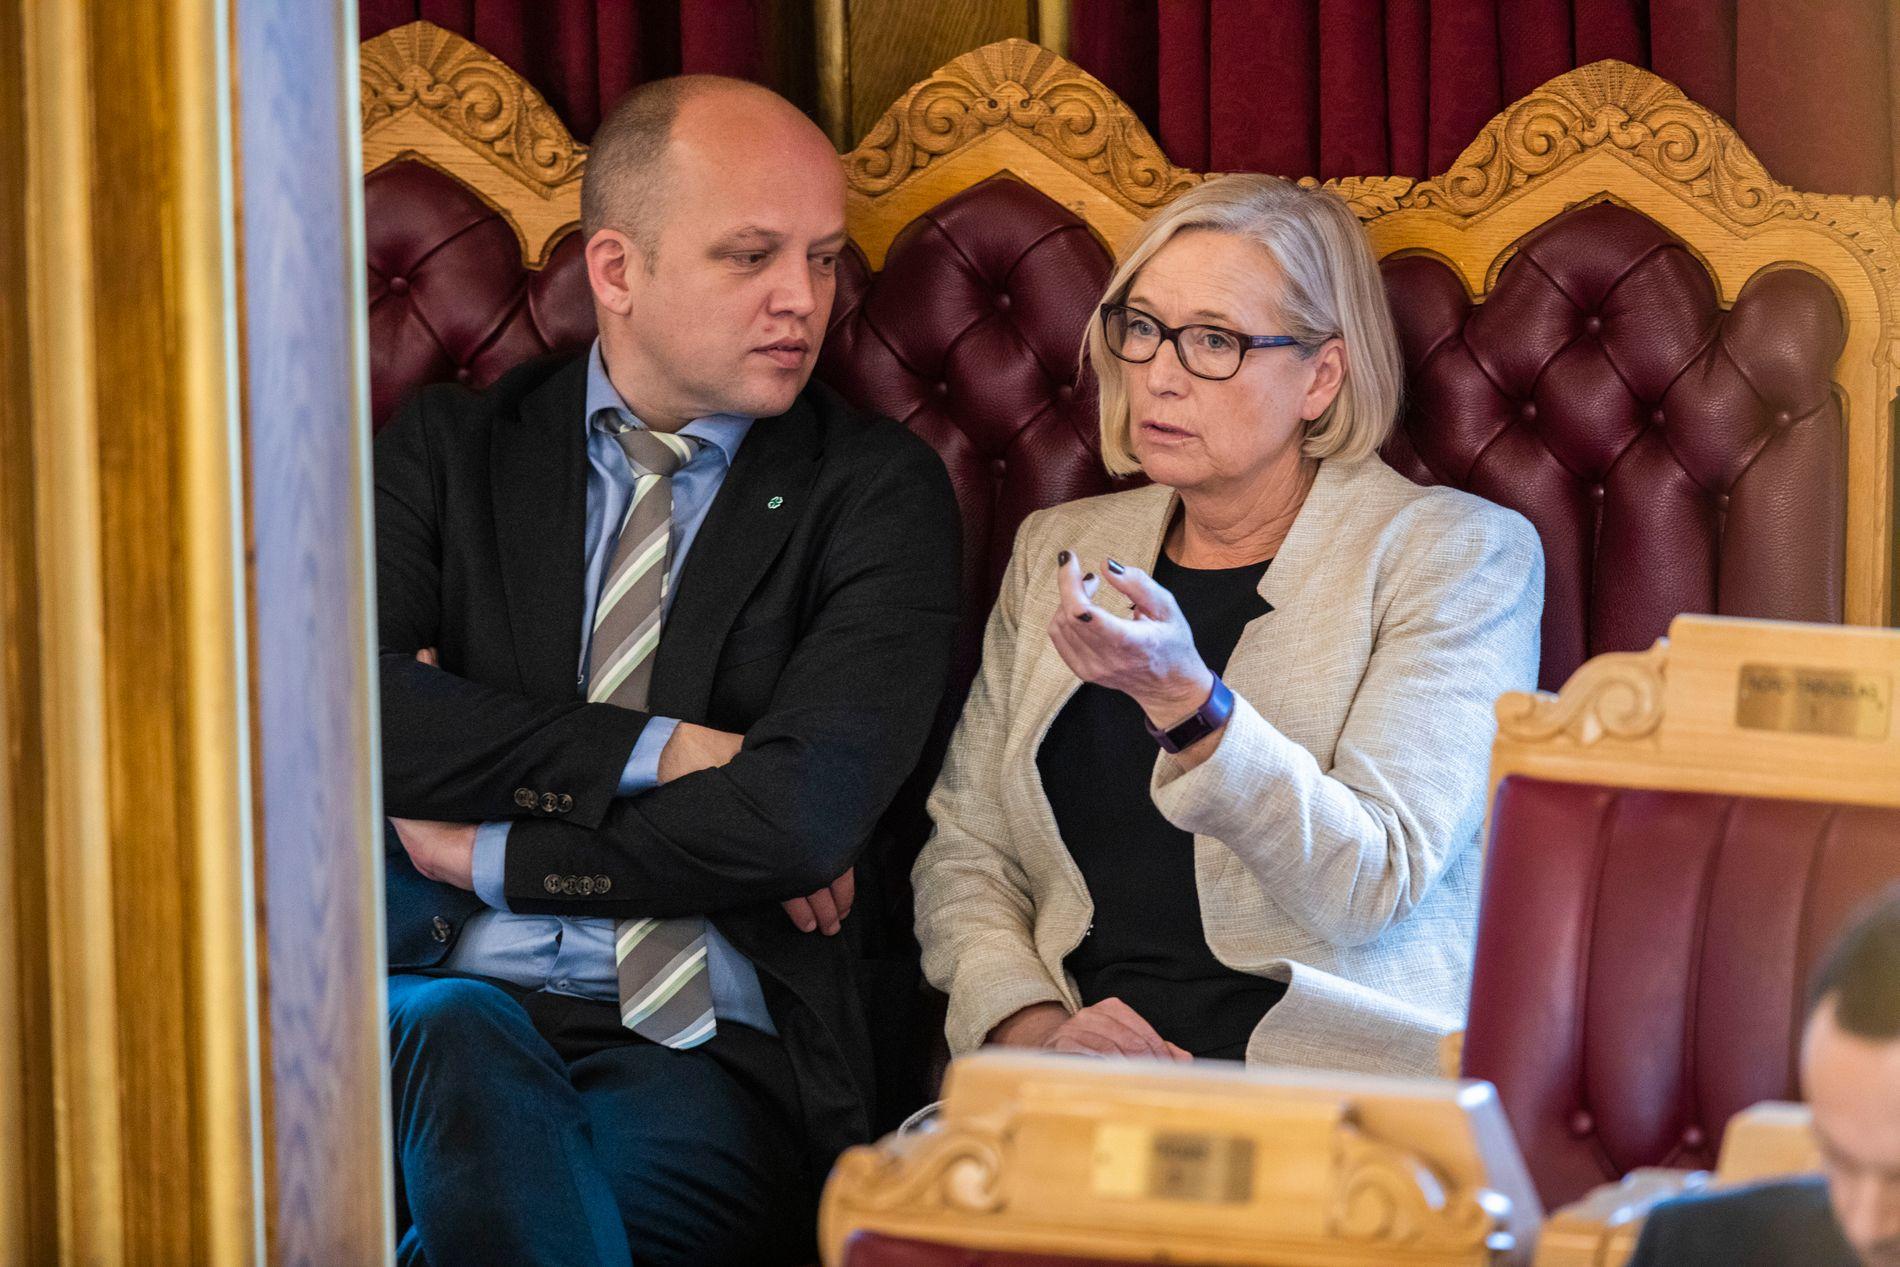 Senterpartiets leder Trygve Slagsvold Vedum og parlamentarisk leder i samme parti, Marit Arnstad, under Stortingets spørretime i slutten av november.